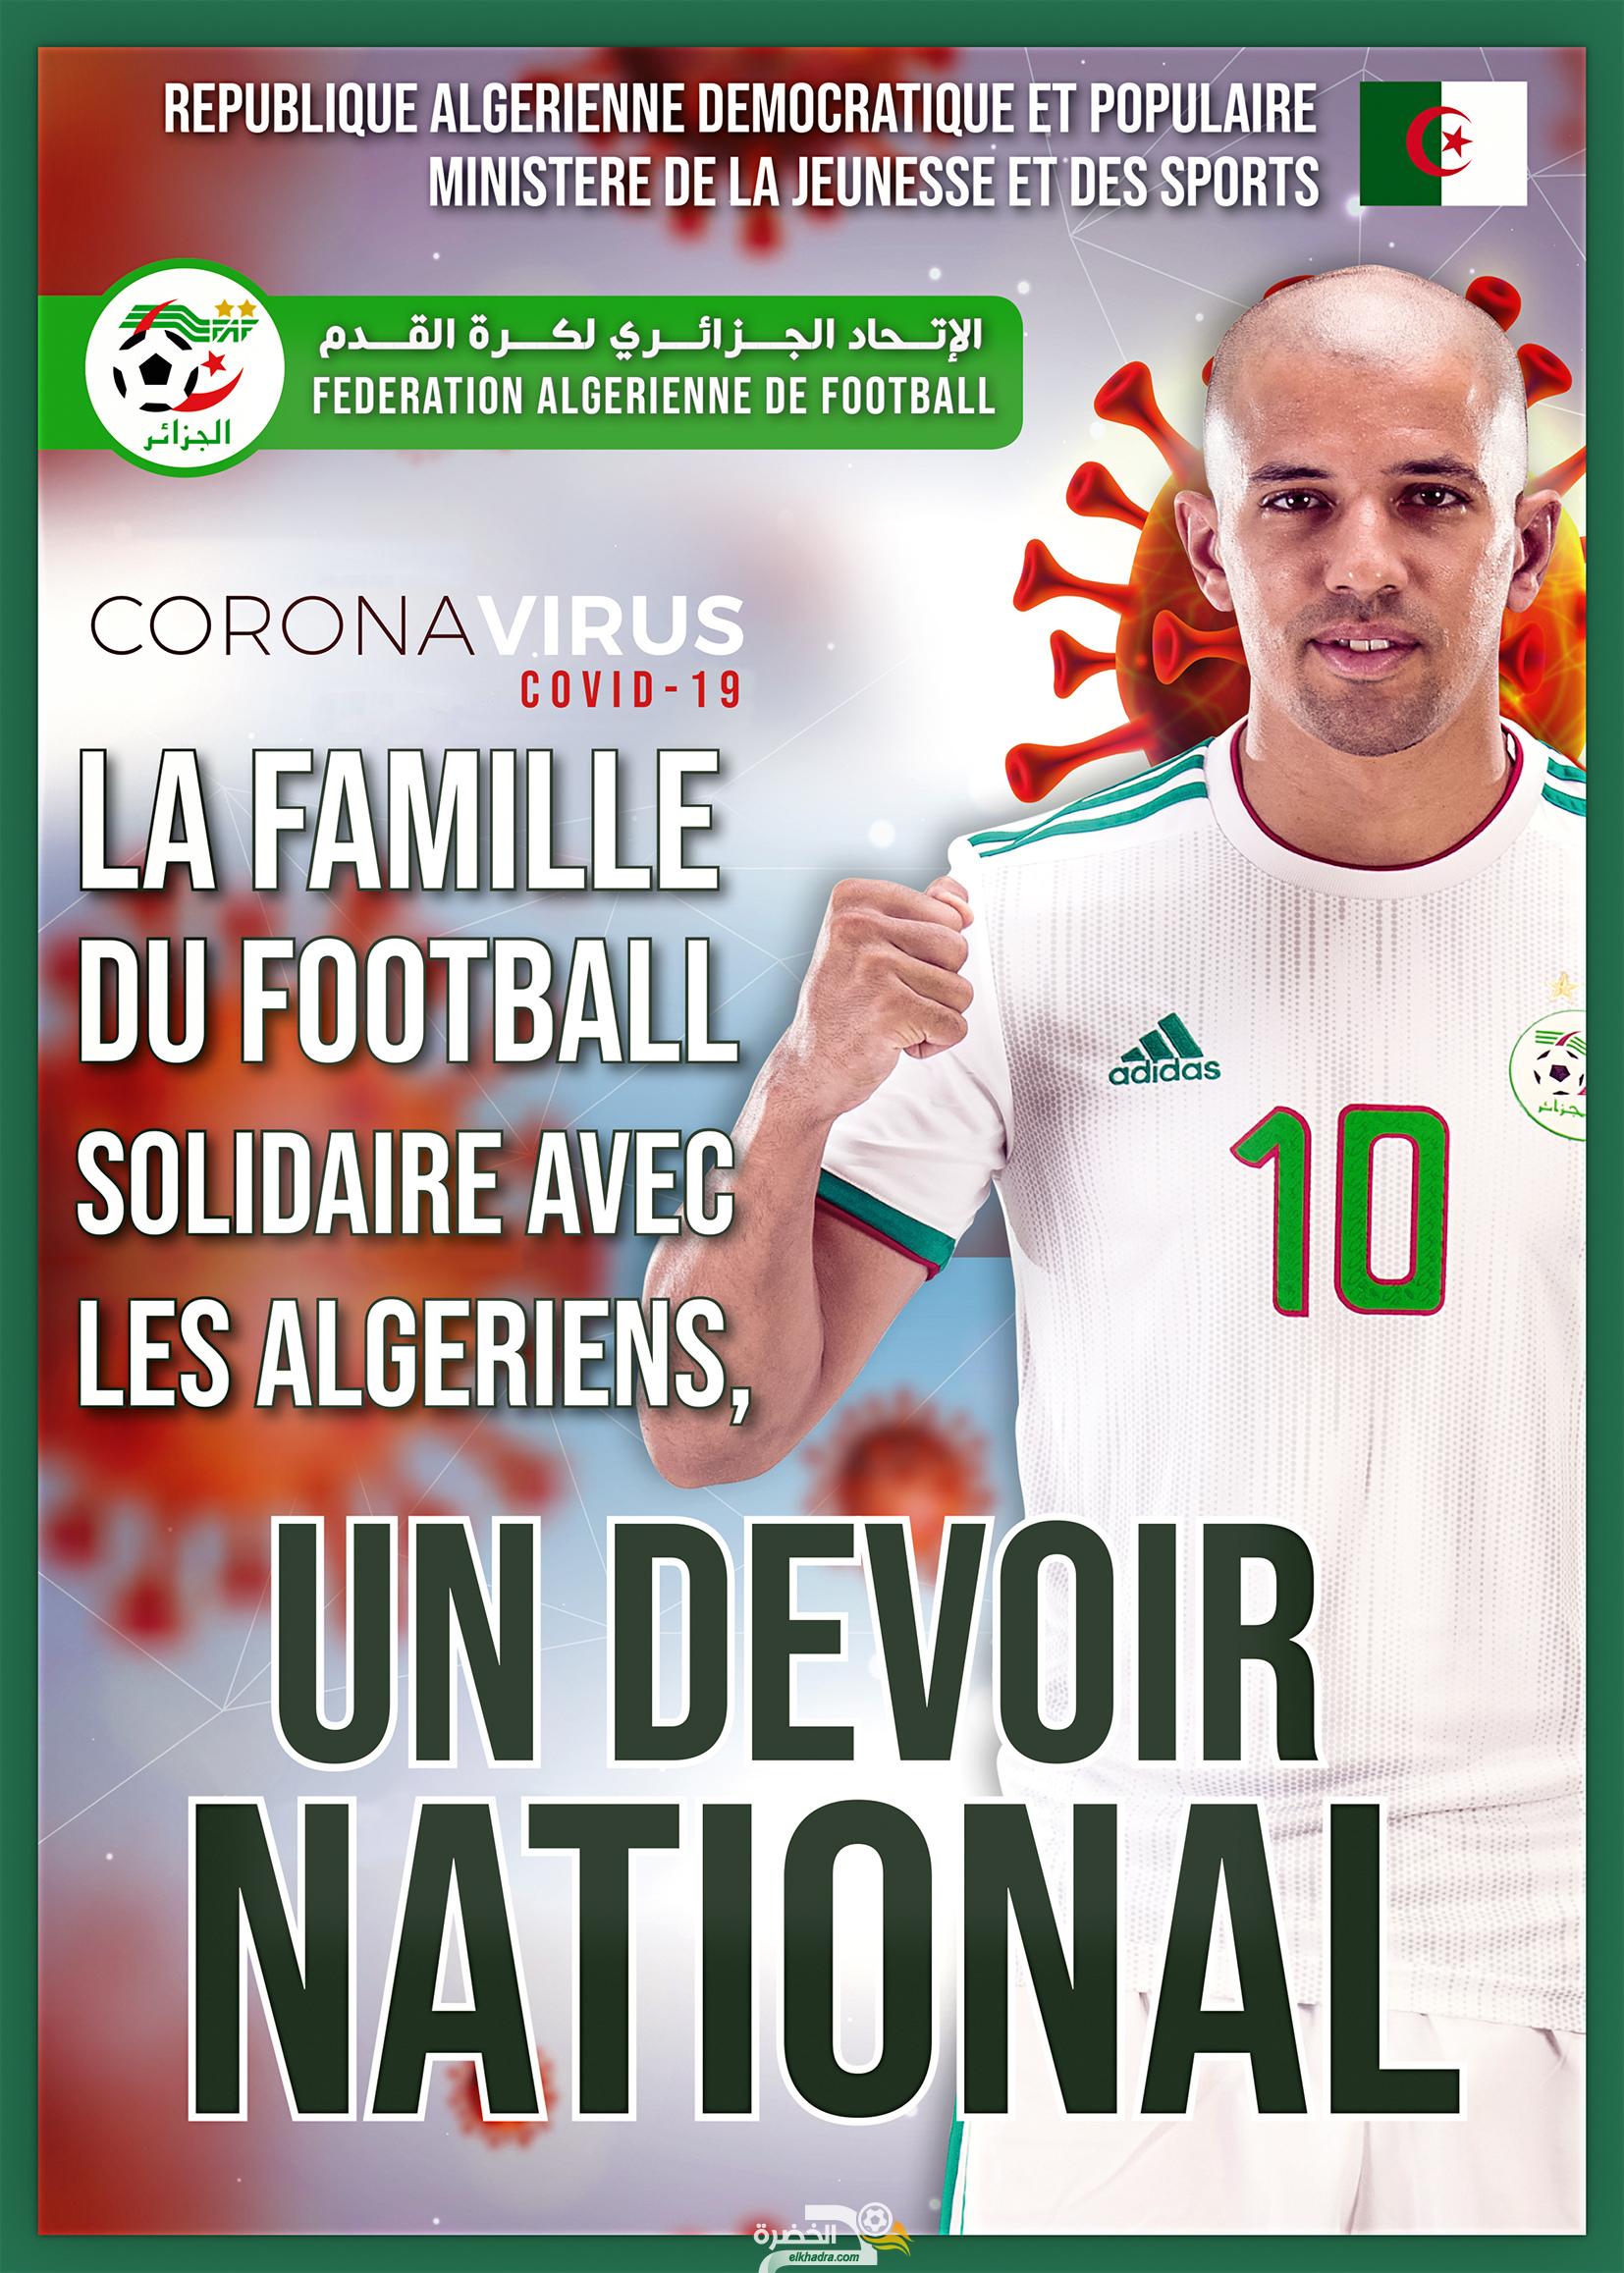 فيروس كورونا : رسالة من لاعبي المنتخب الوطني الجزائري 26